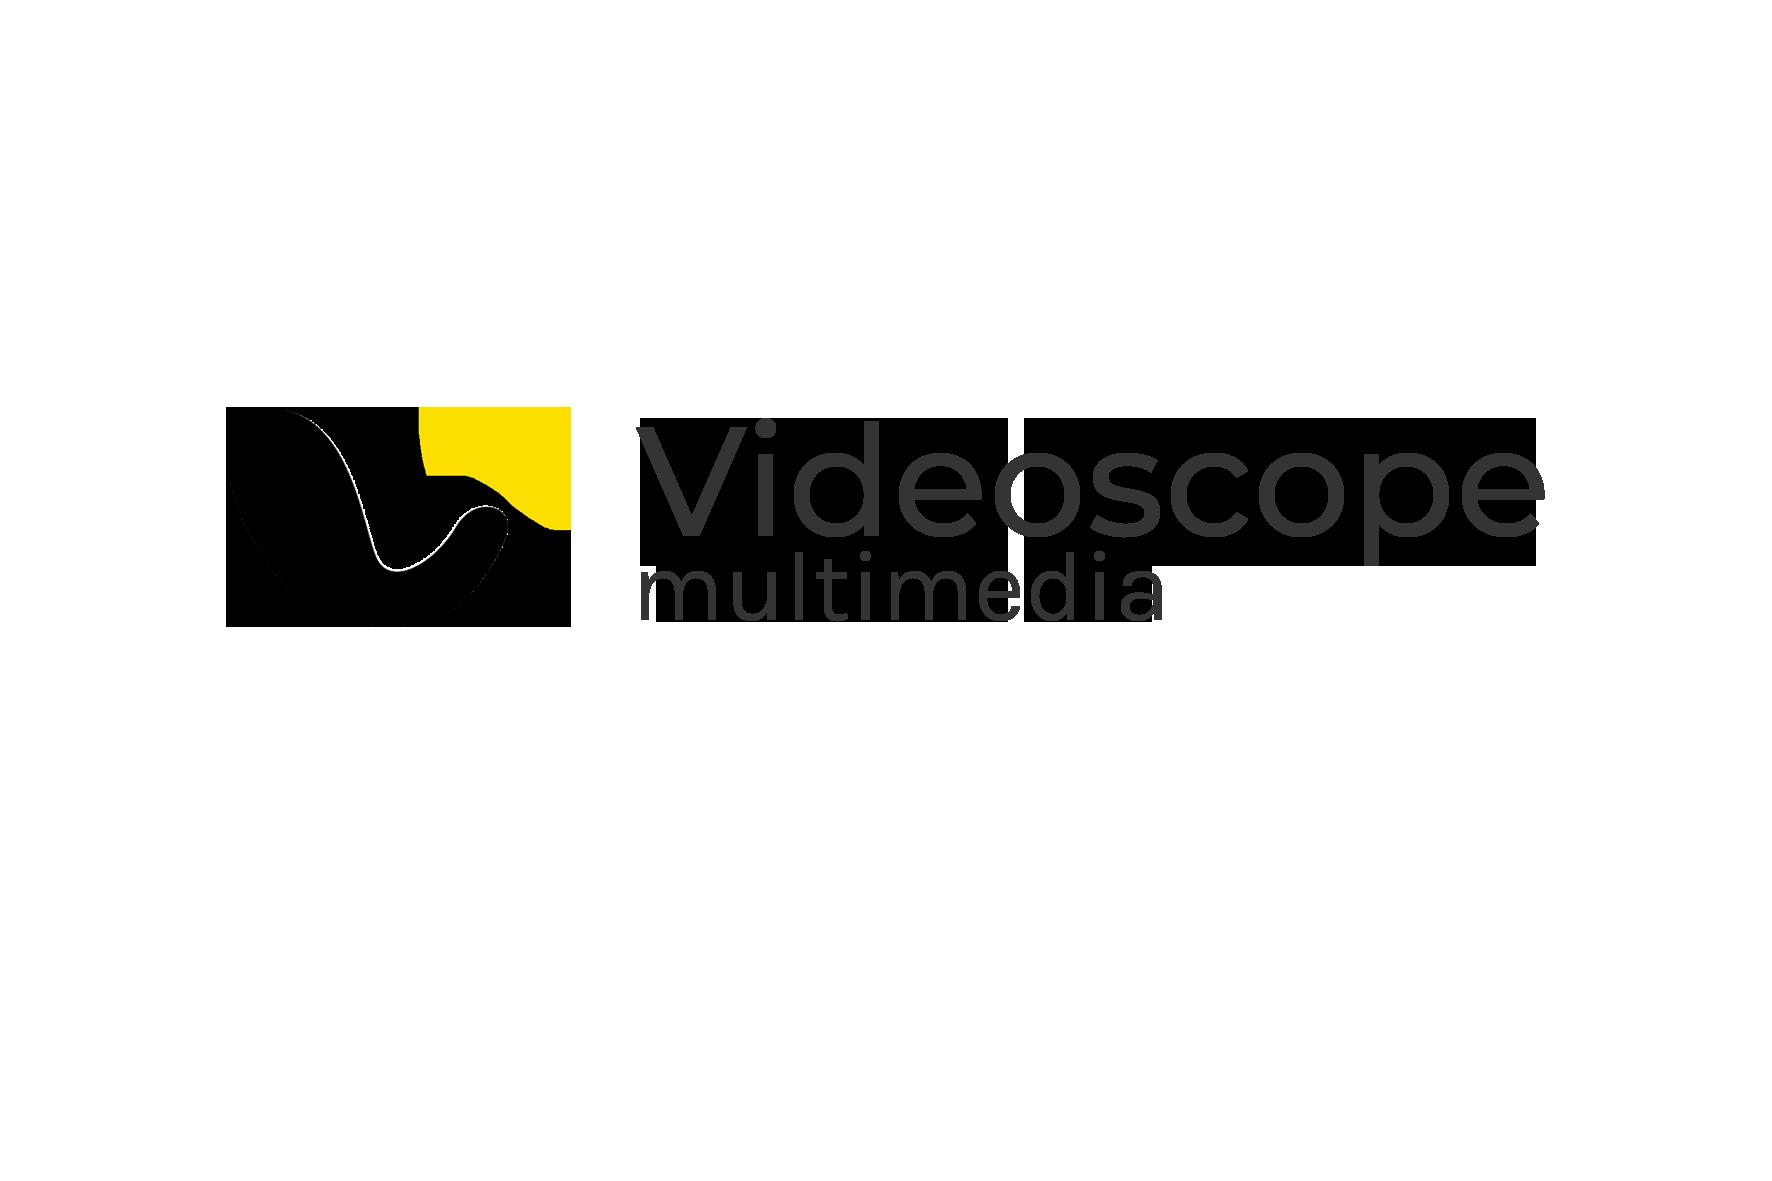 VIDEOSCOPE - L'audiovisuel en ADN